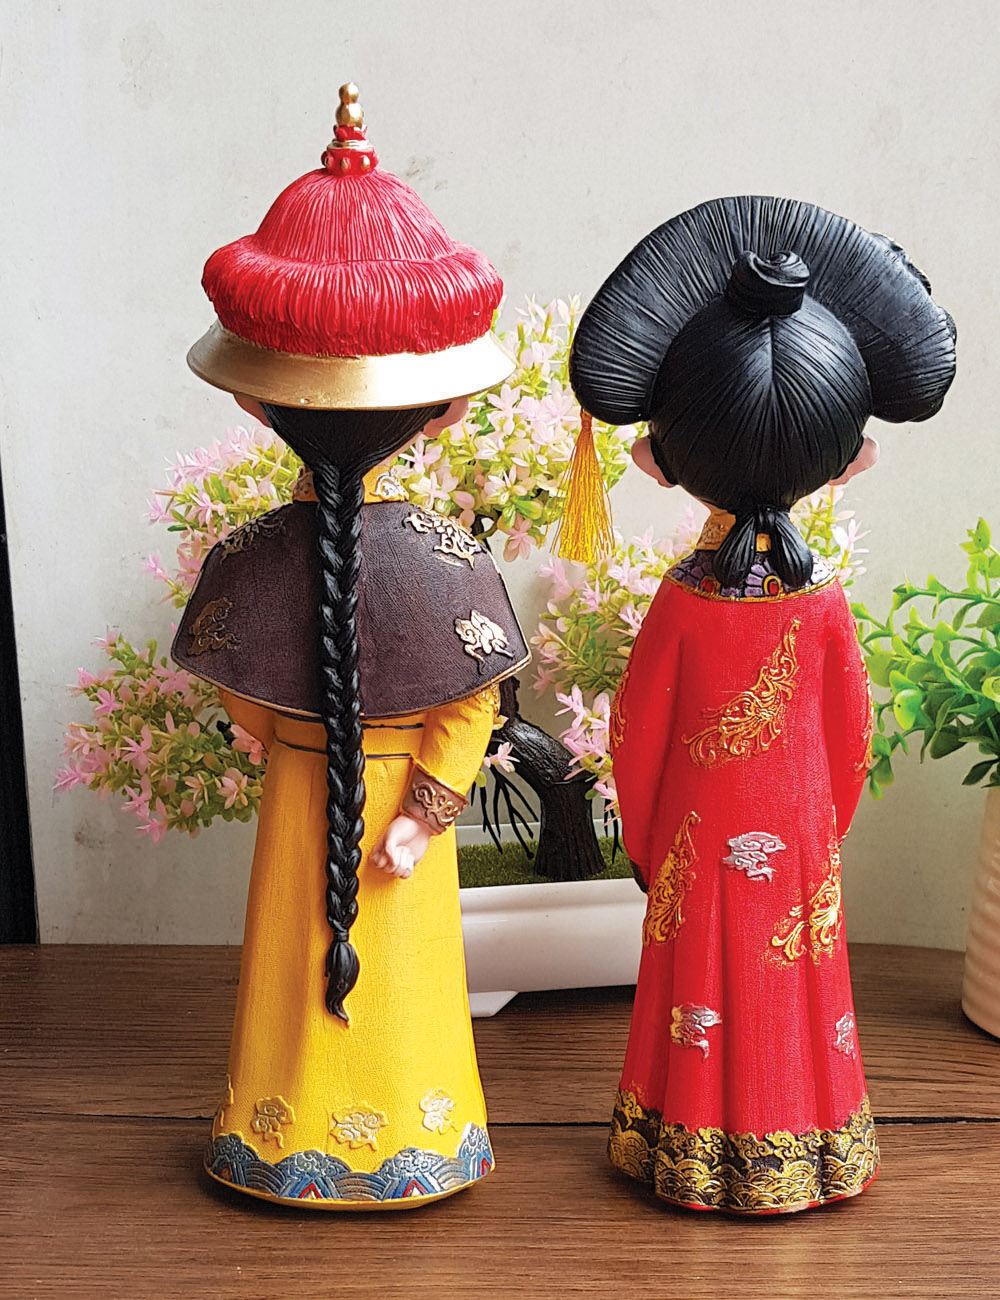 Bộ 02 tượng chibi Hoàng Thượng và Hoàng Hậu cổ trang 3D sinh động